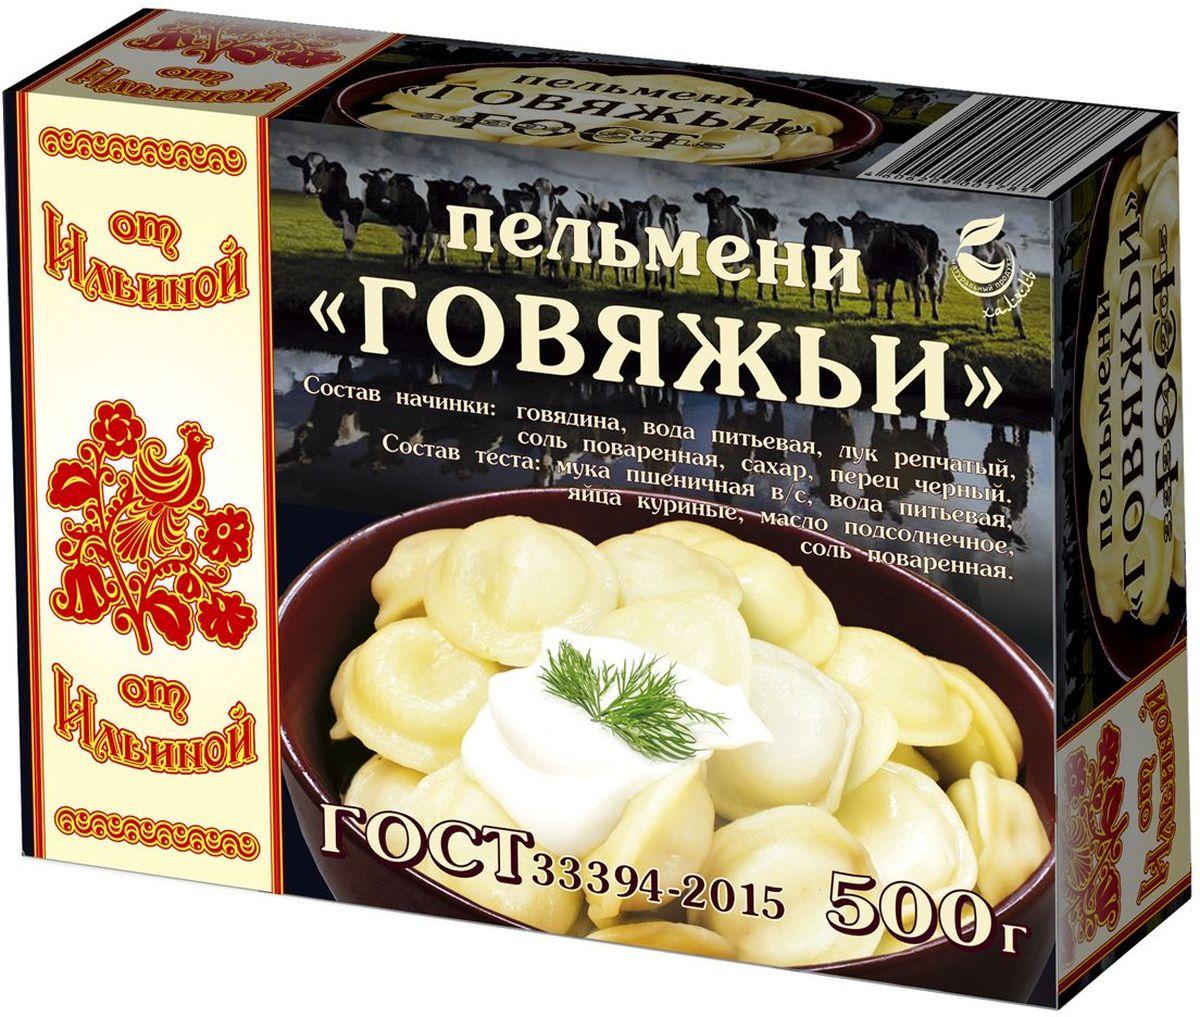 От Ильиной Пельмени Говяжьи ГОСТ, 500 г домашние вареники пельмени лапша лазанья галушки и другие вкусности